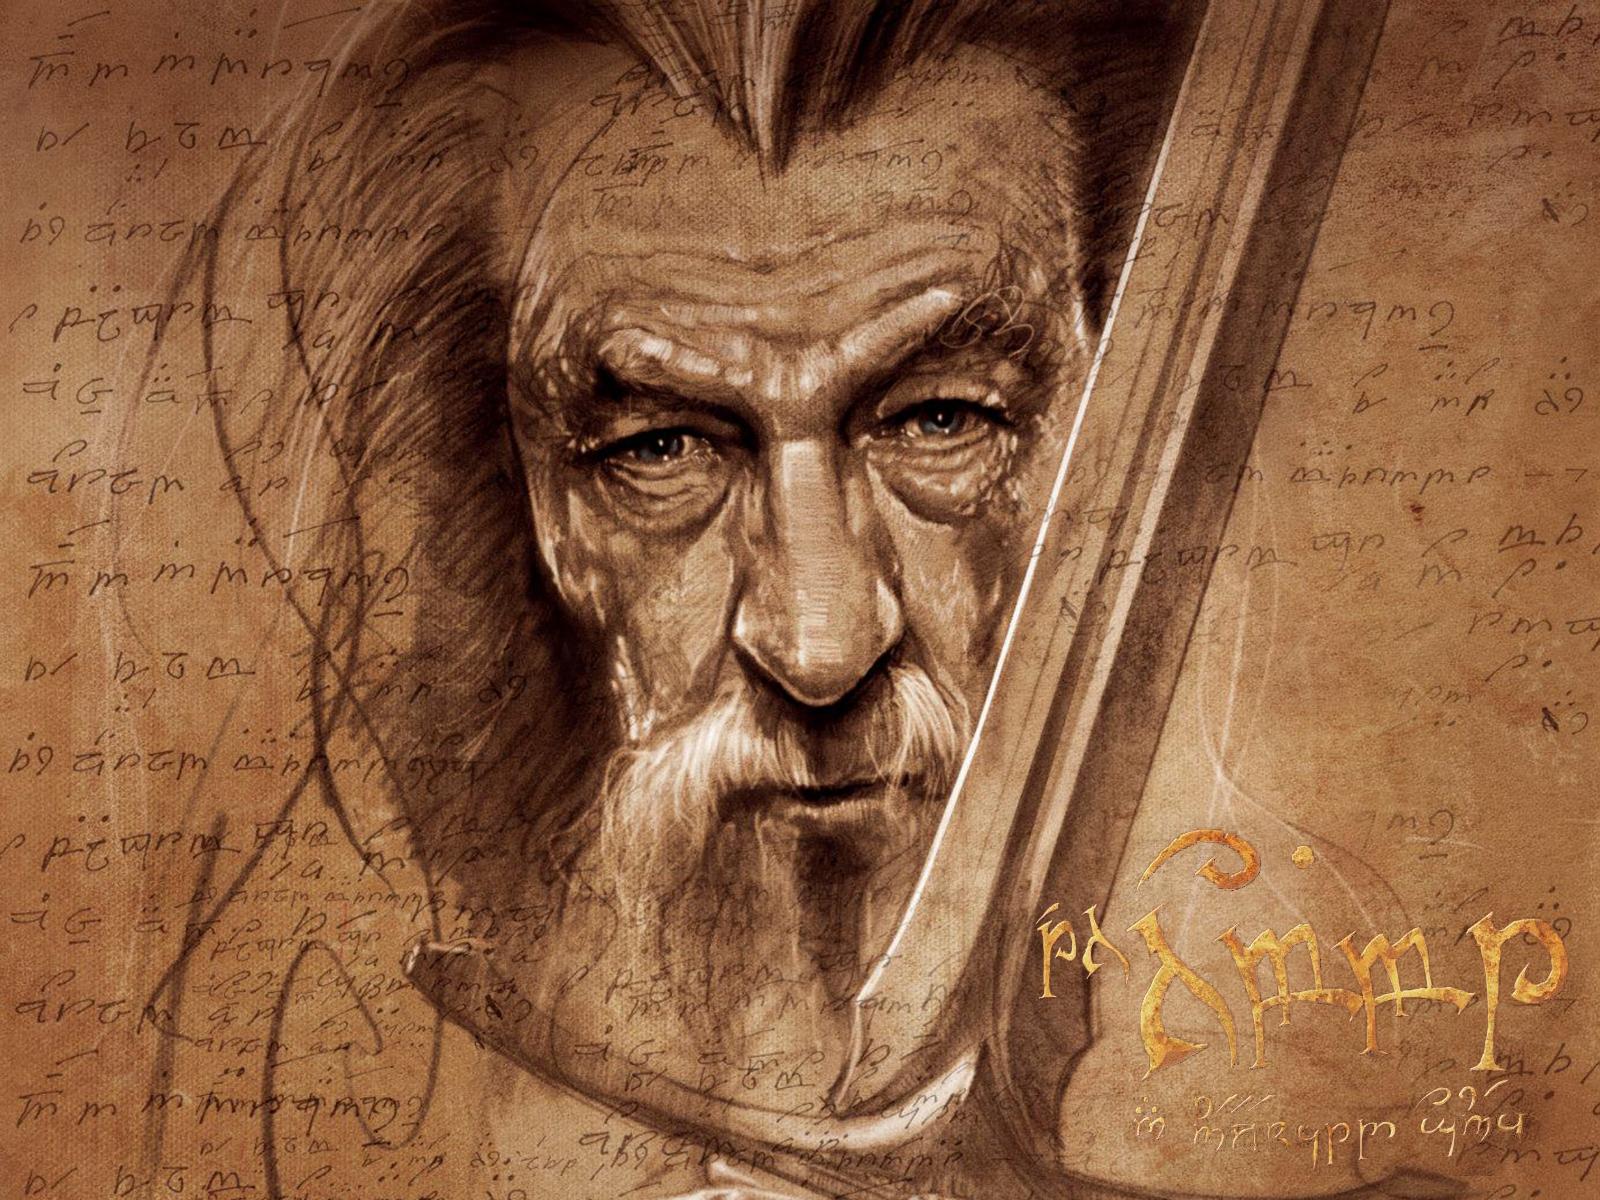 netthe hobbit gandalf artwork wallpapers 35442 1600x1200jpg 1600x1200